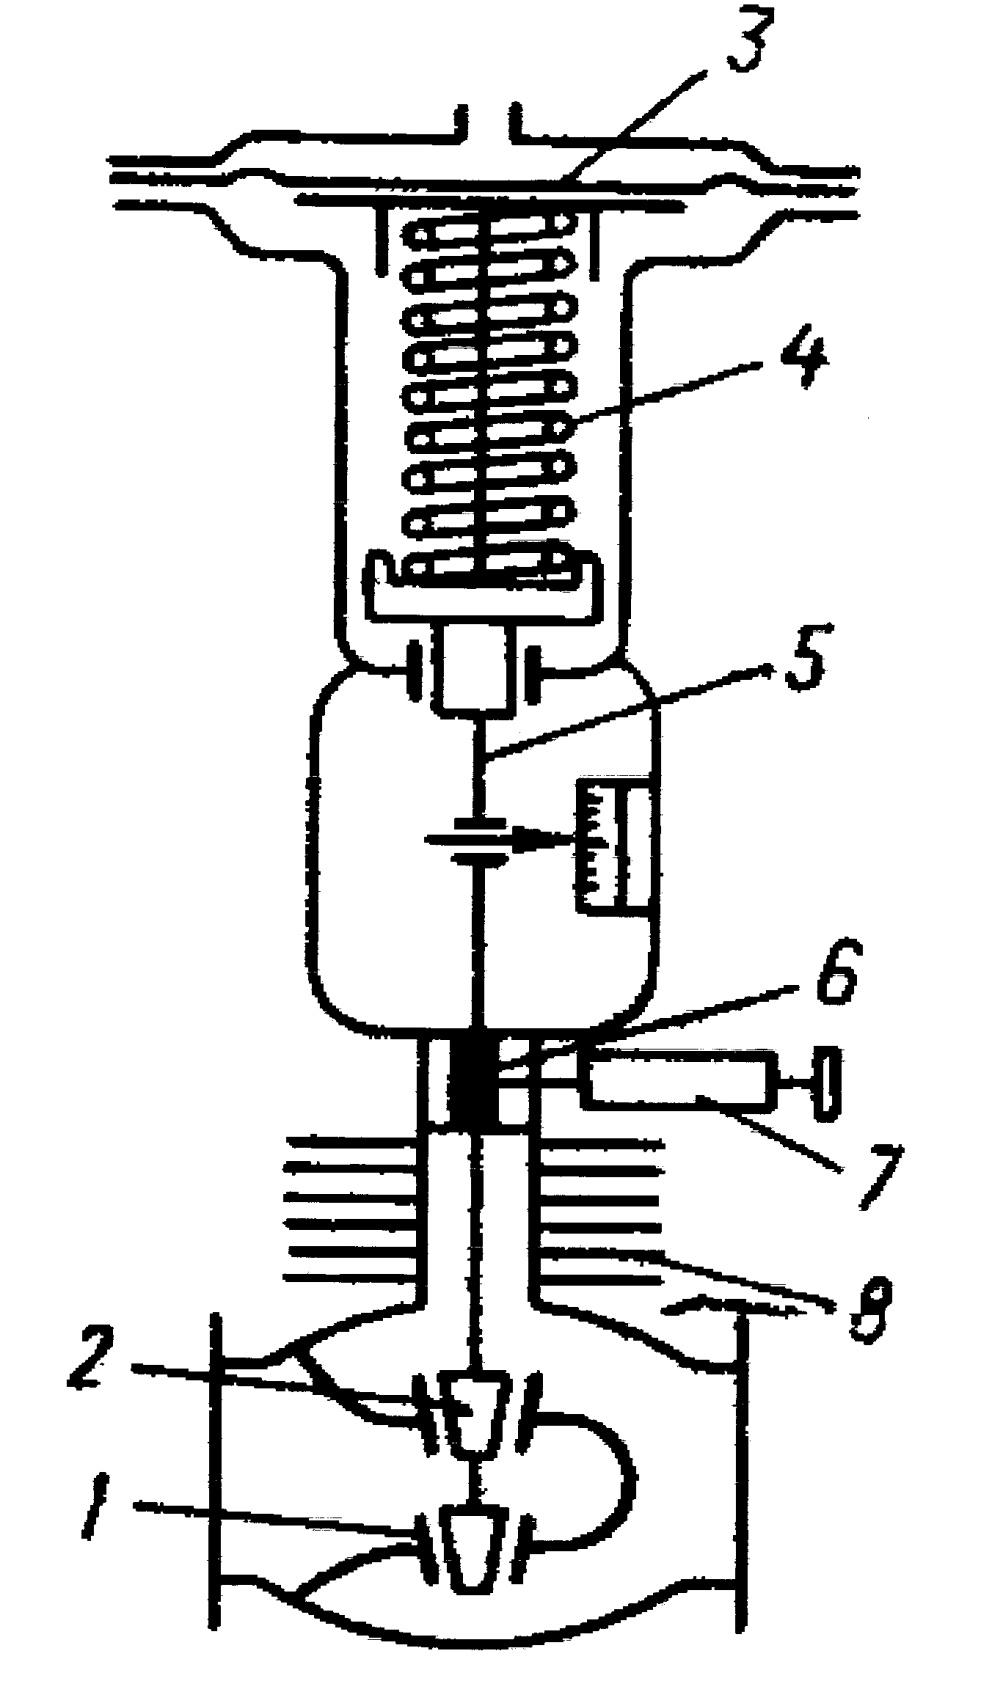 Клапан ВЗ - 1 - 80 - Э